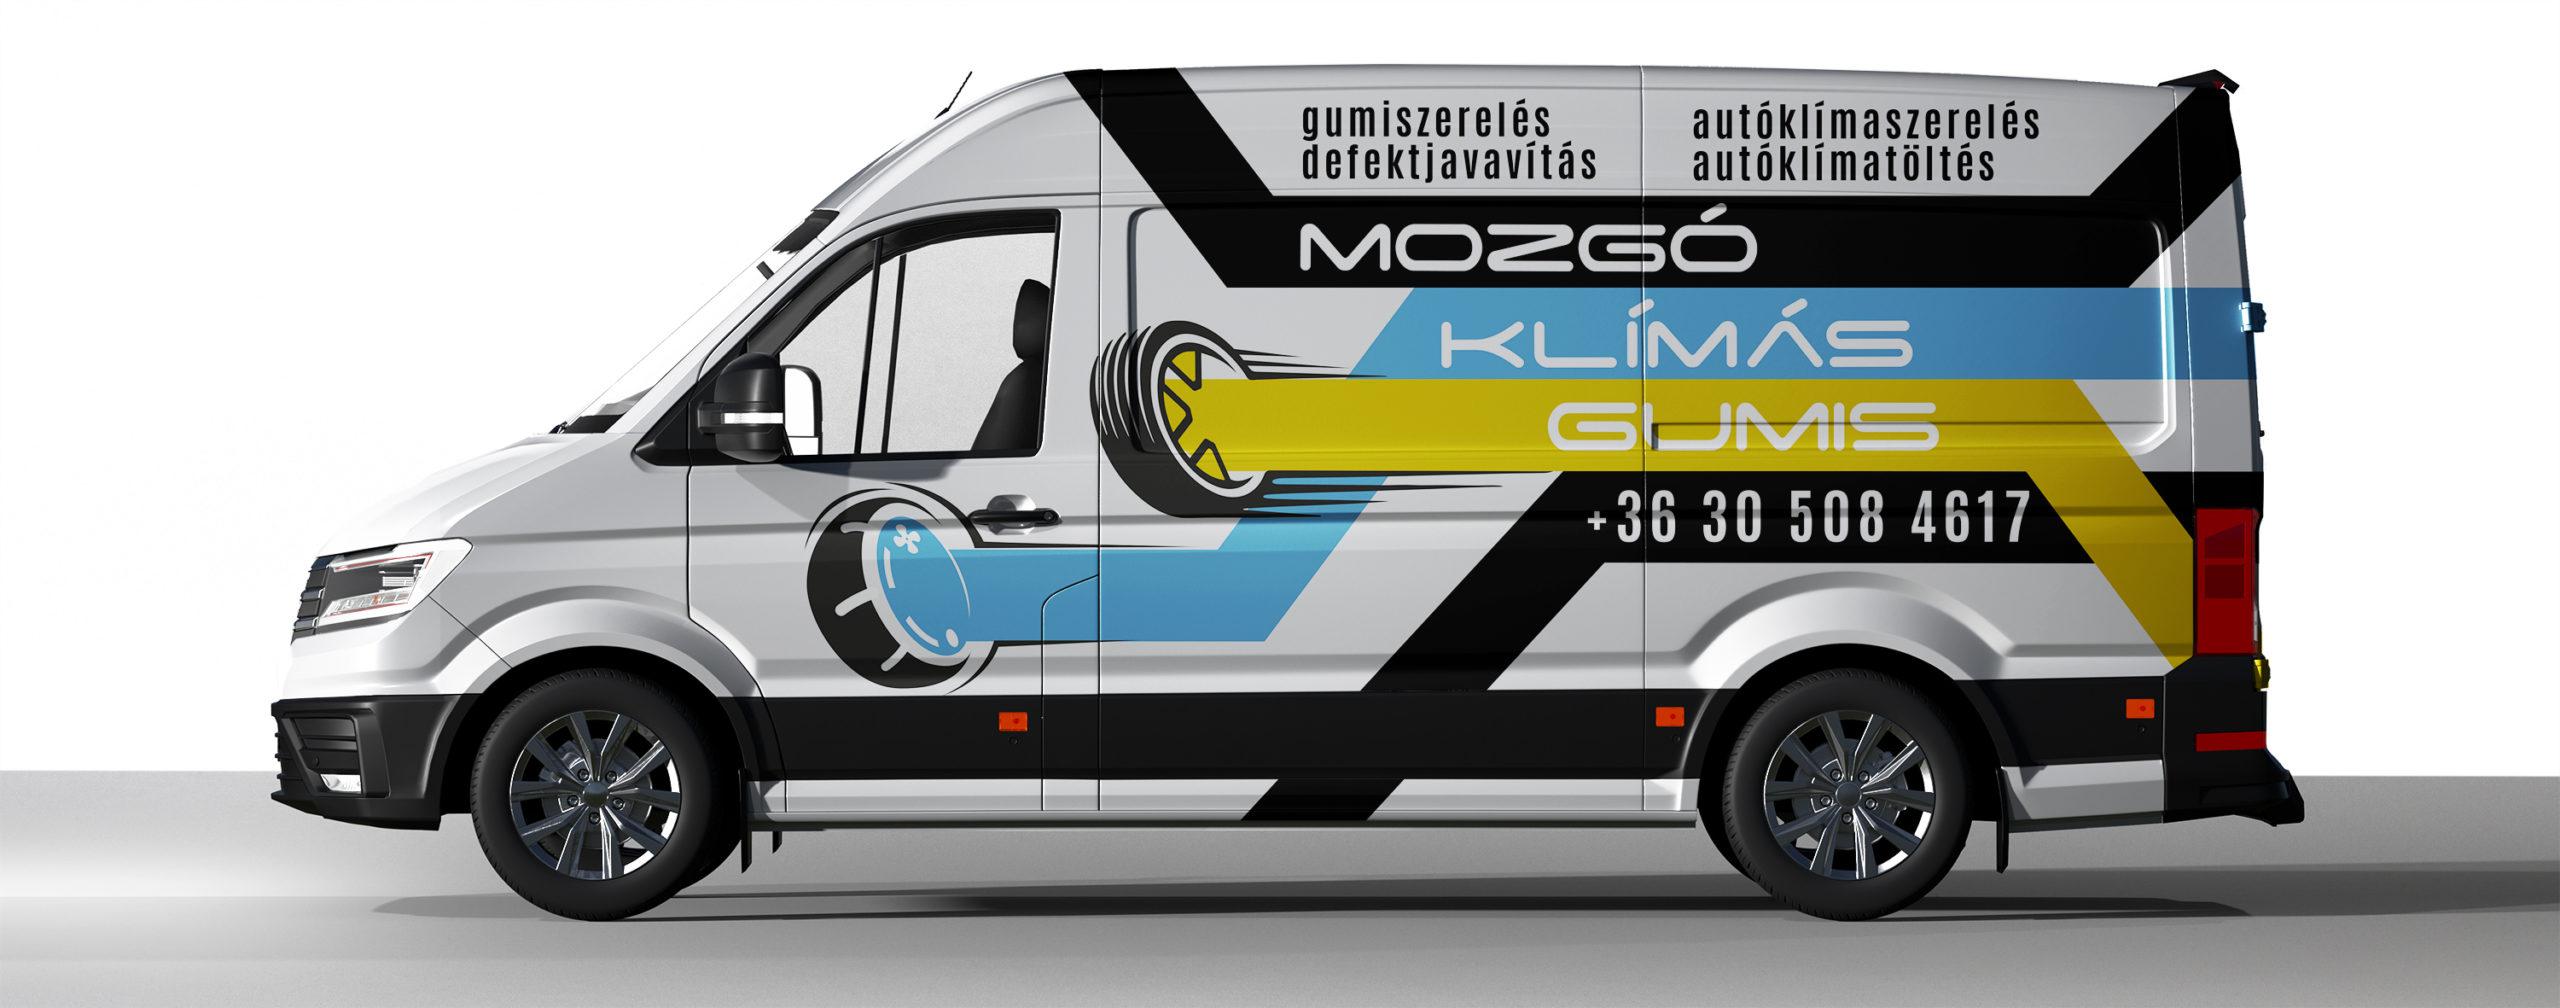 MOZGOGUMIS_cargo_design_II